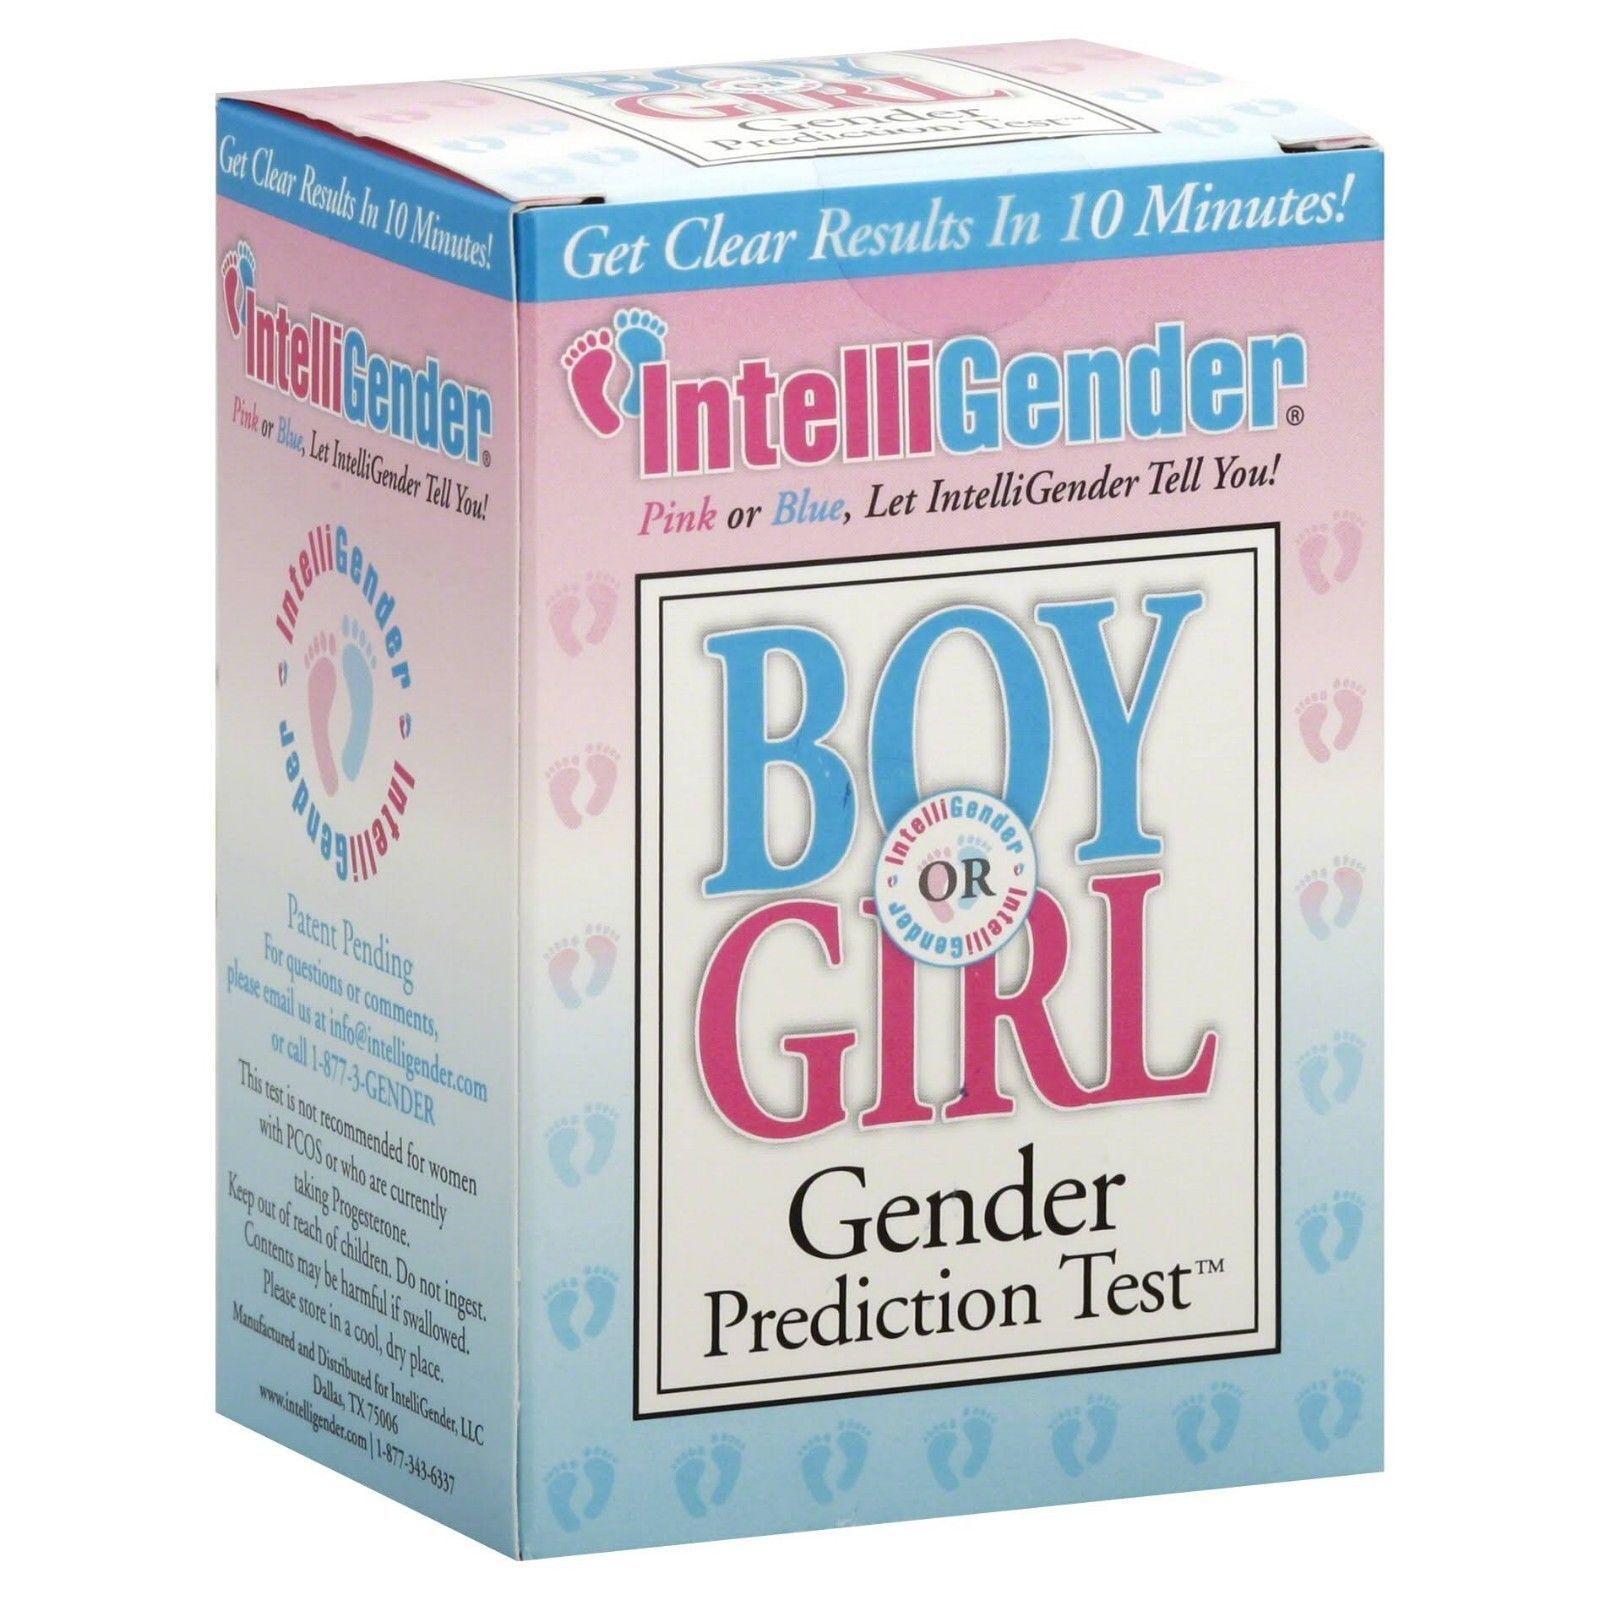 IntelliGender Boy or Girl Gender Prediction Test Results in Minutes